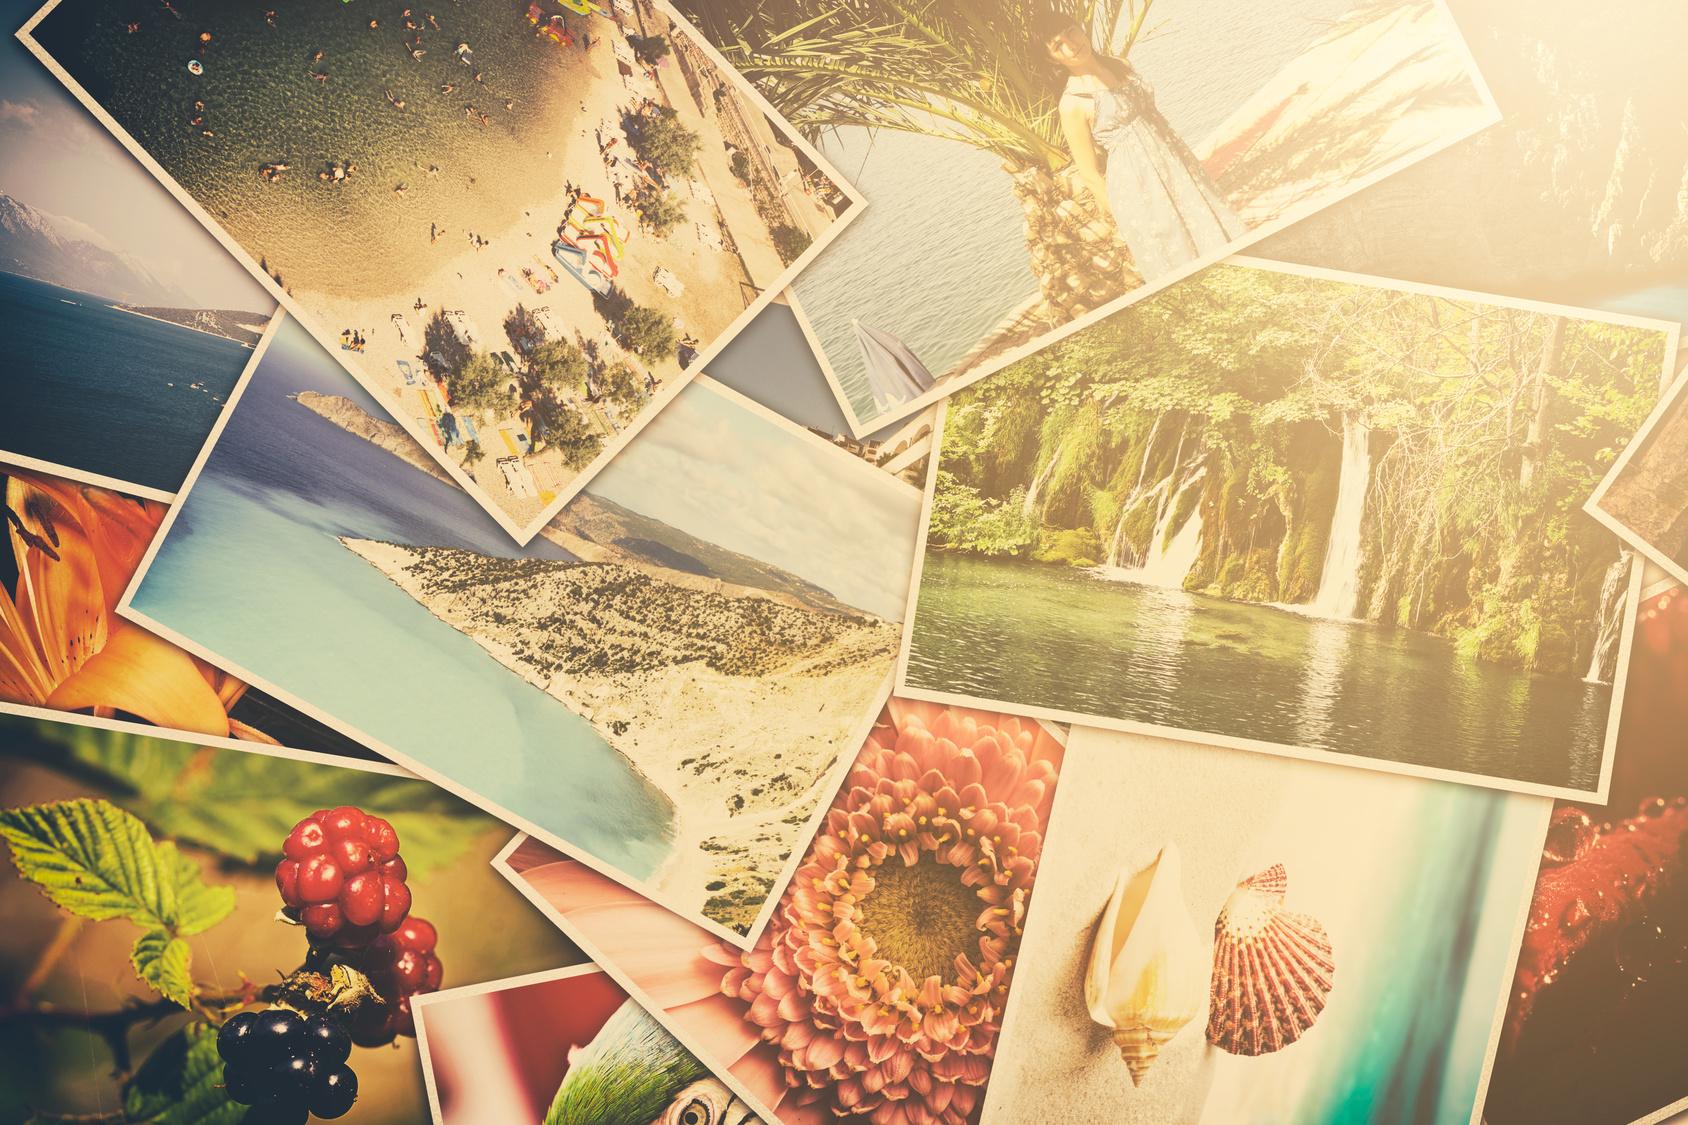 Verschiedene Urlaubsbilder verstreut auf einem Haufen.